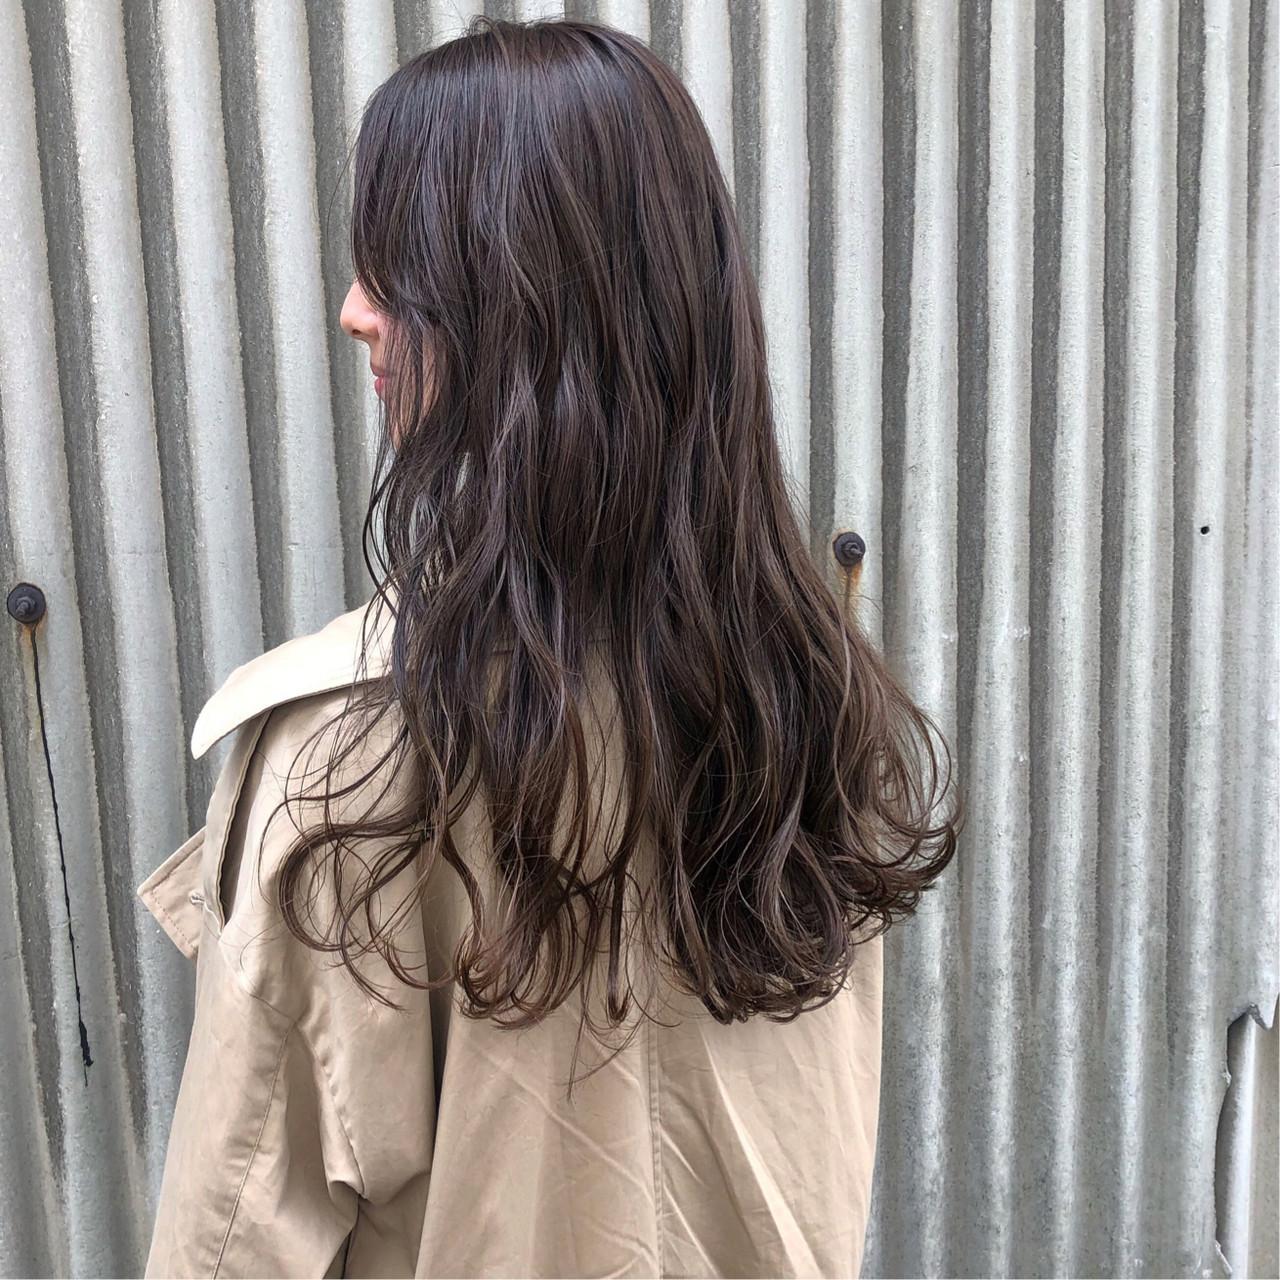 透明感カラー ナチュラル デート ロング ヘアスタイルや髪型の写真・画像